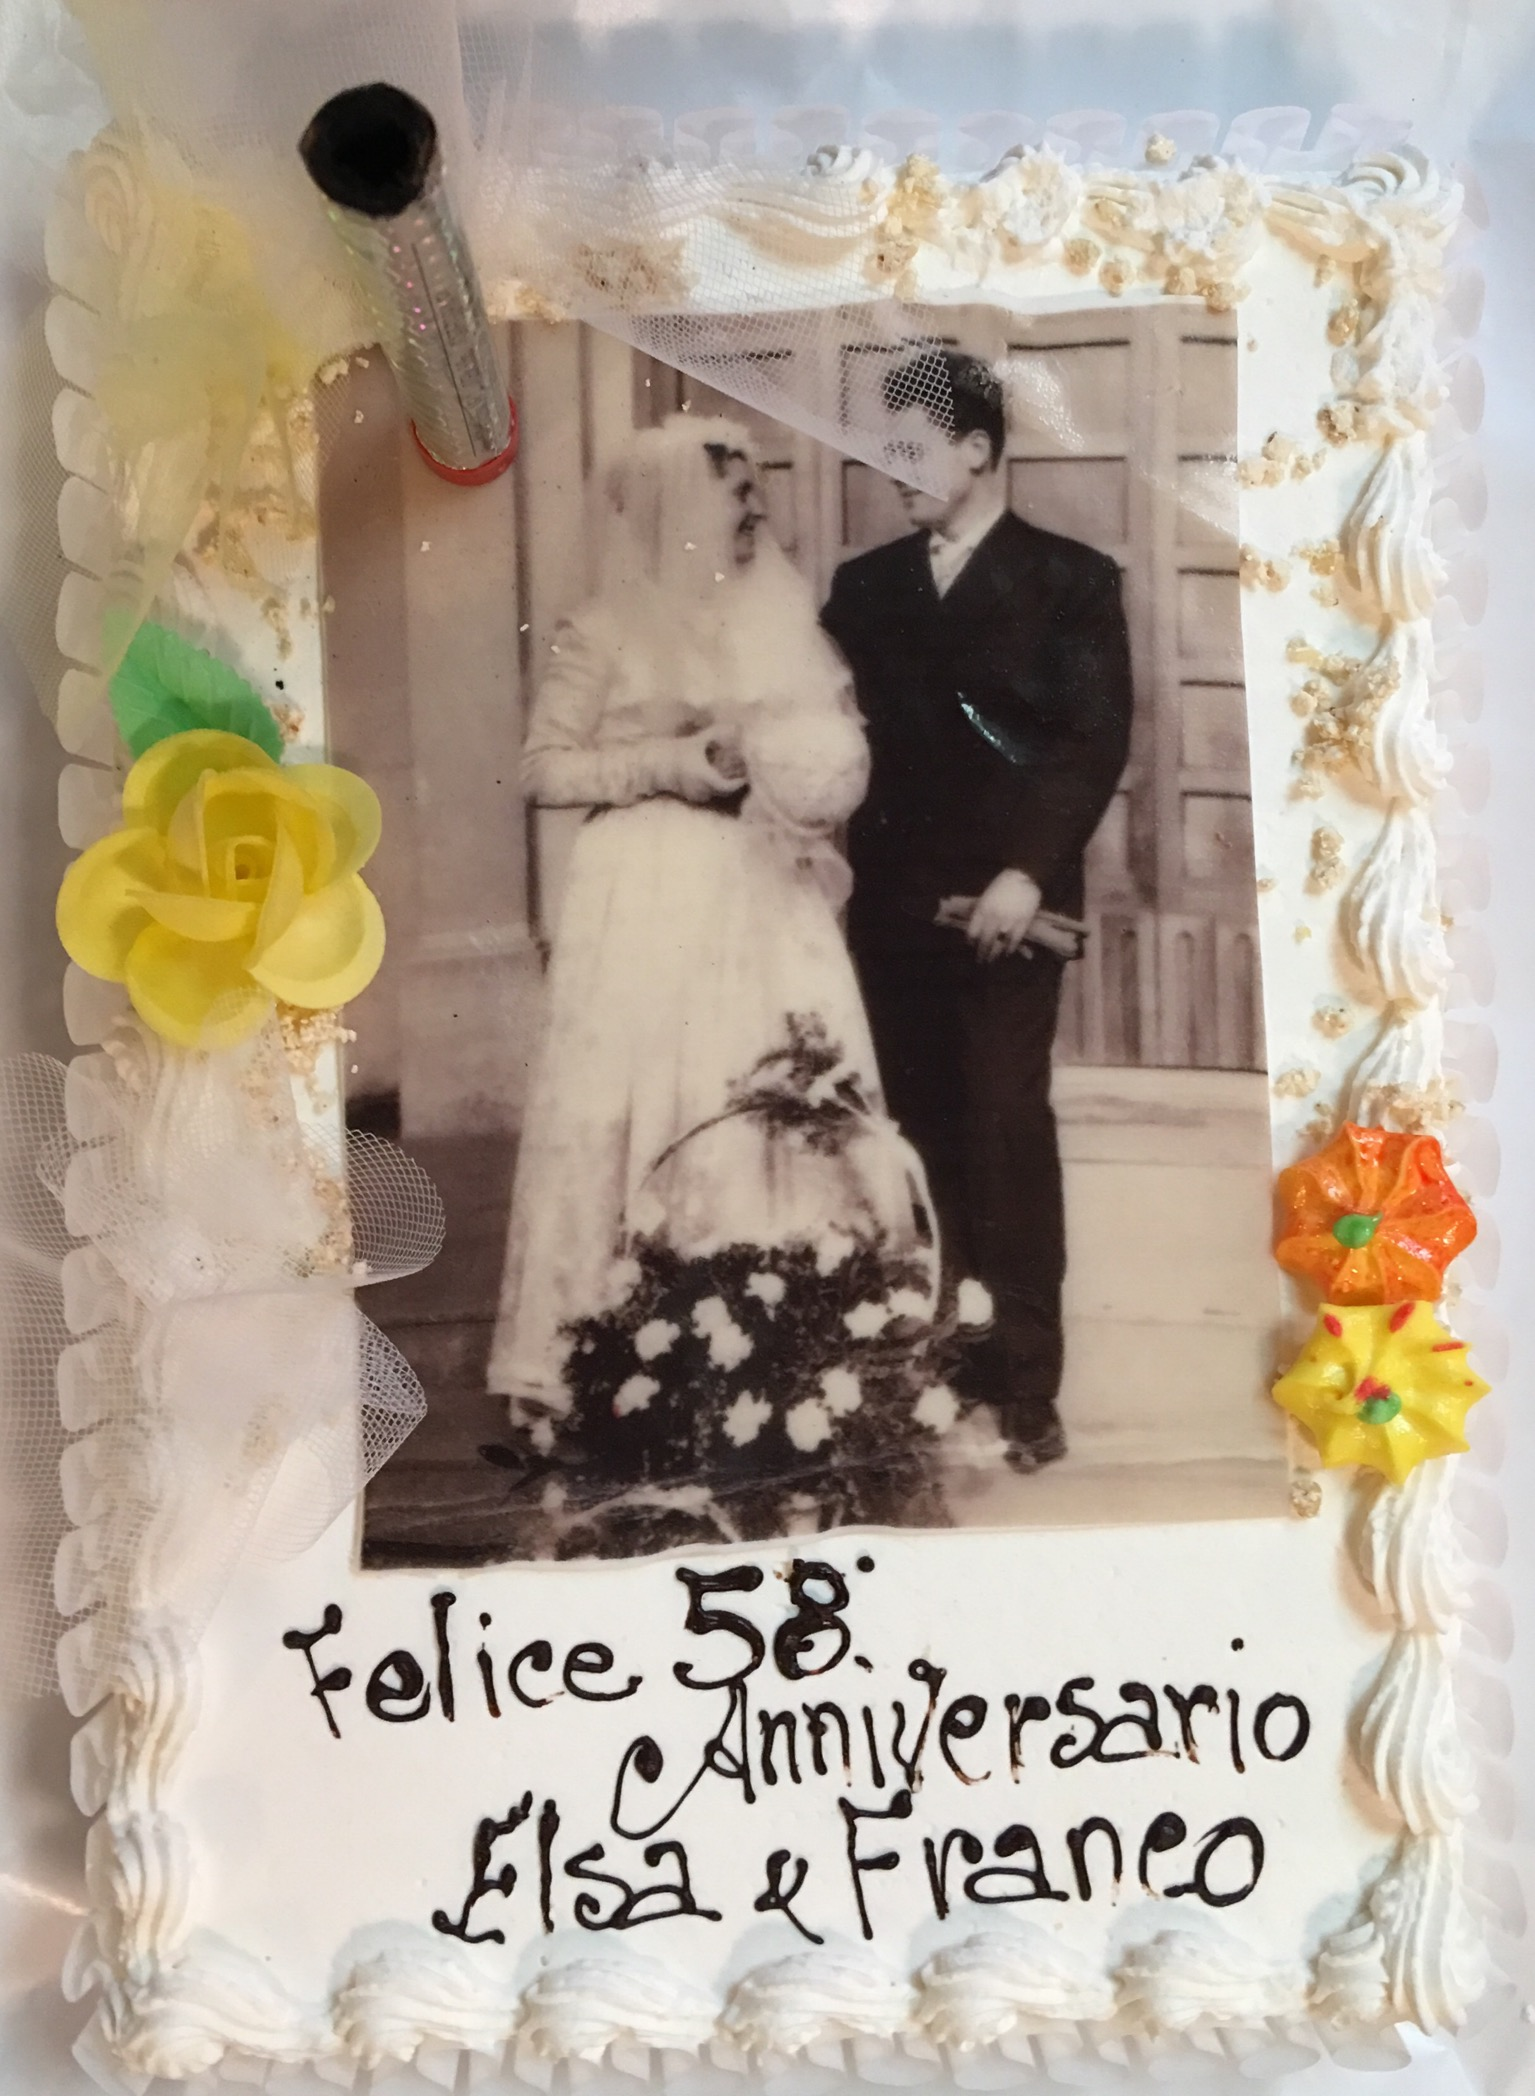 Anniversario Di Matrimonio 58 Anni.58 Anniversario Di Matrimonio Dei Miei Genitori Hector Bertato